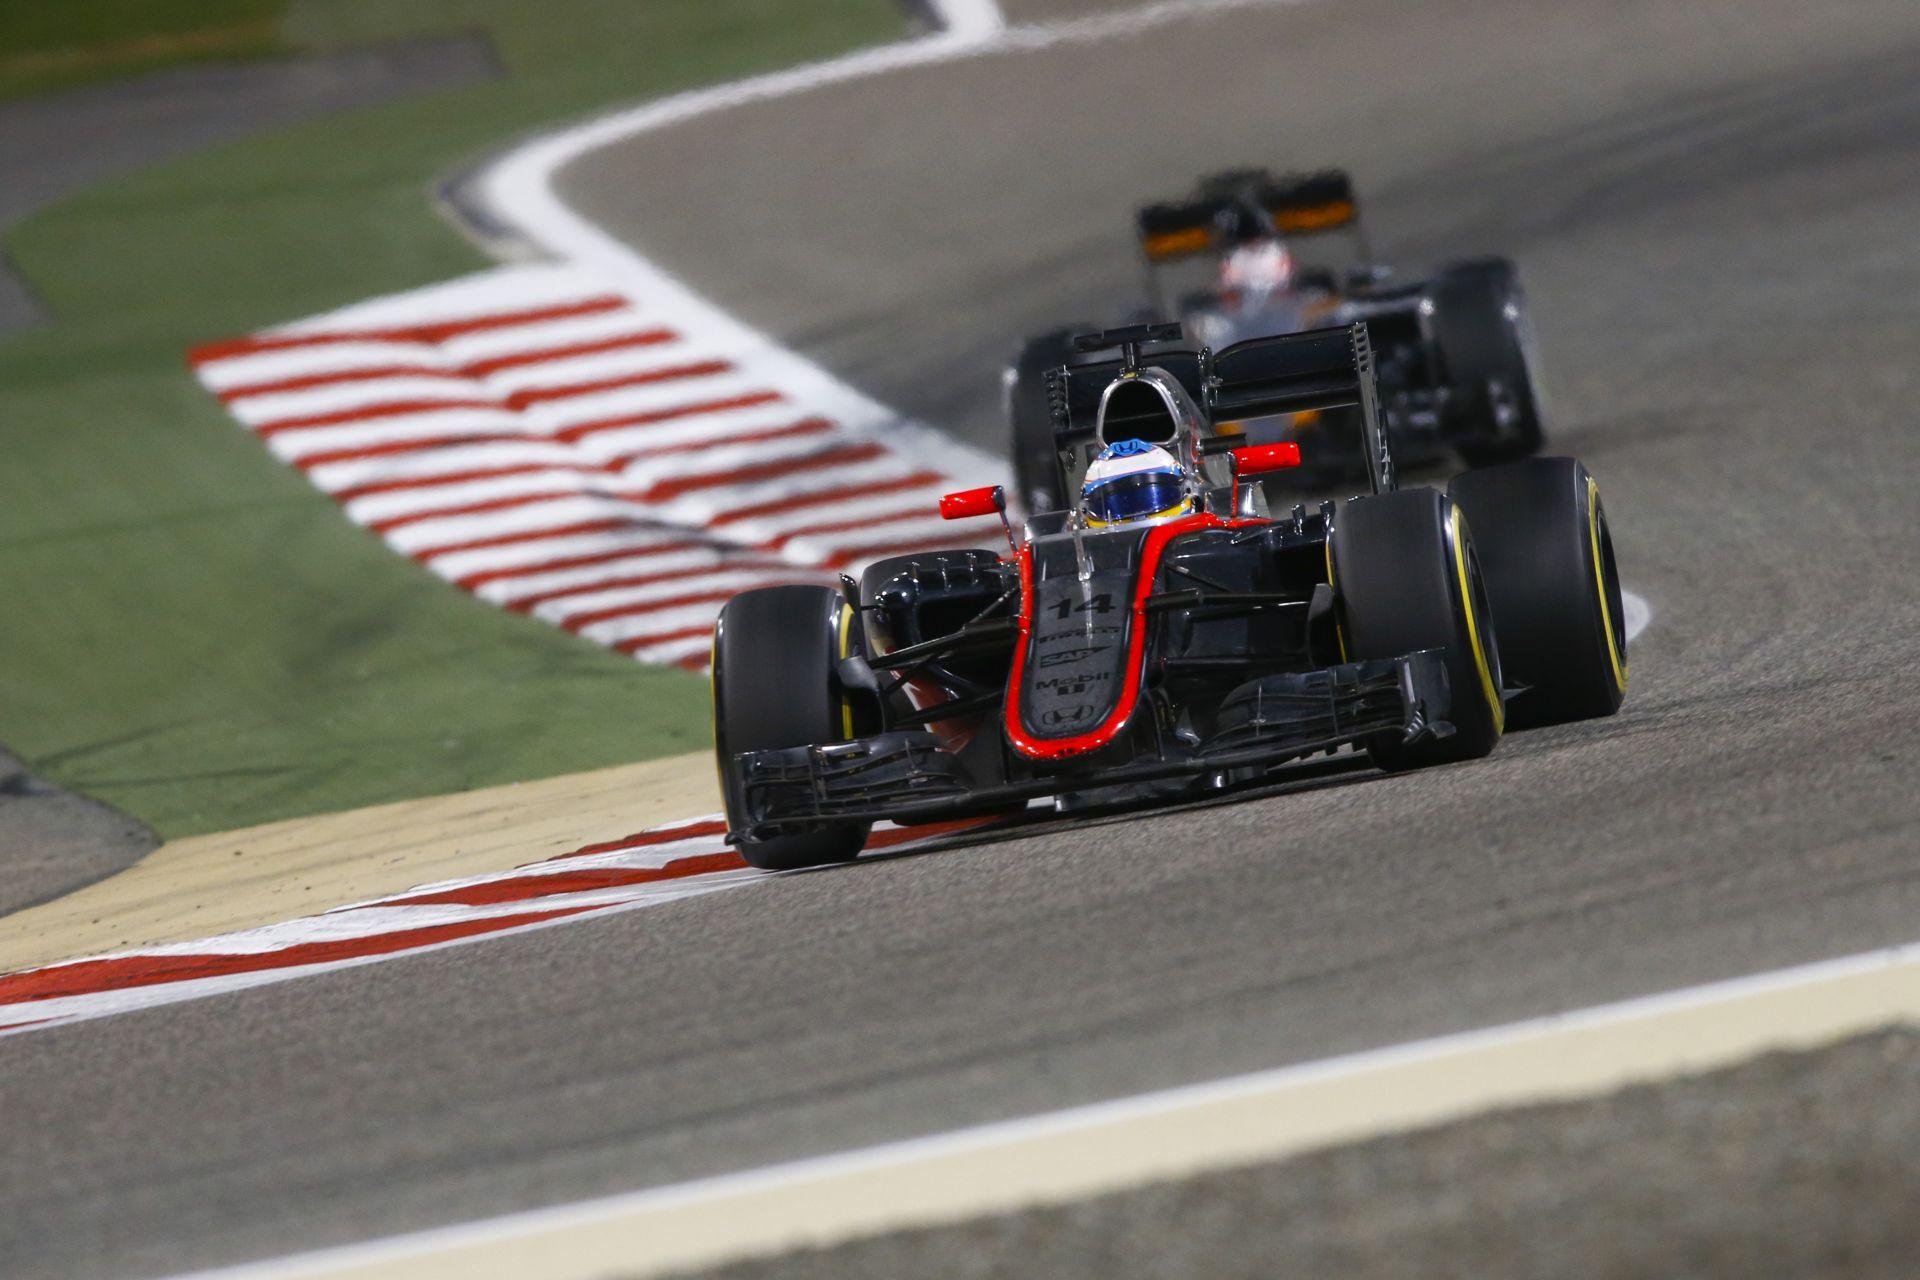 McLaren: Hamarosan egy győztes autónk lesz és a legjobbak között leszünk!